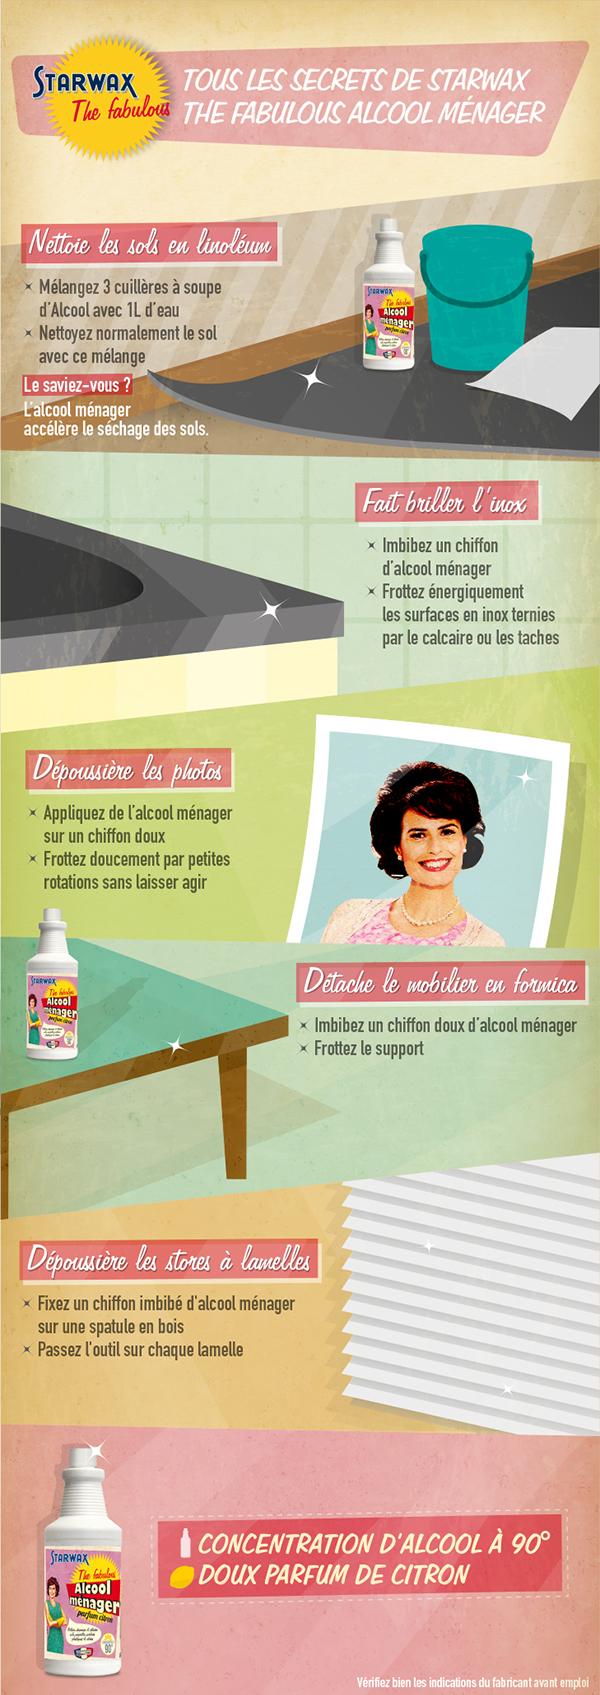 Infographie sur les secrets de l'alcool ménager